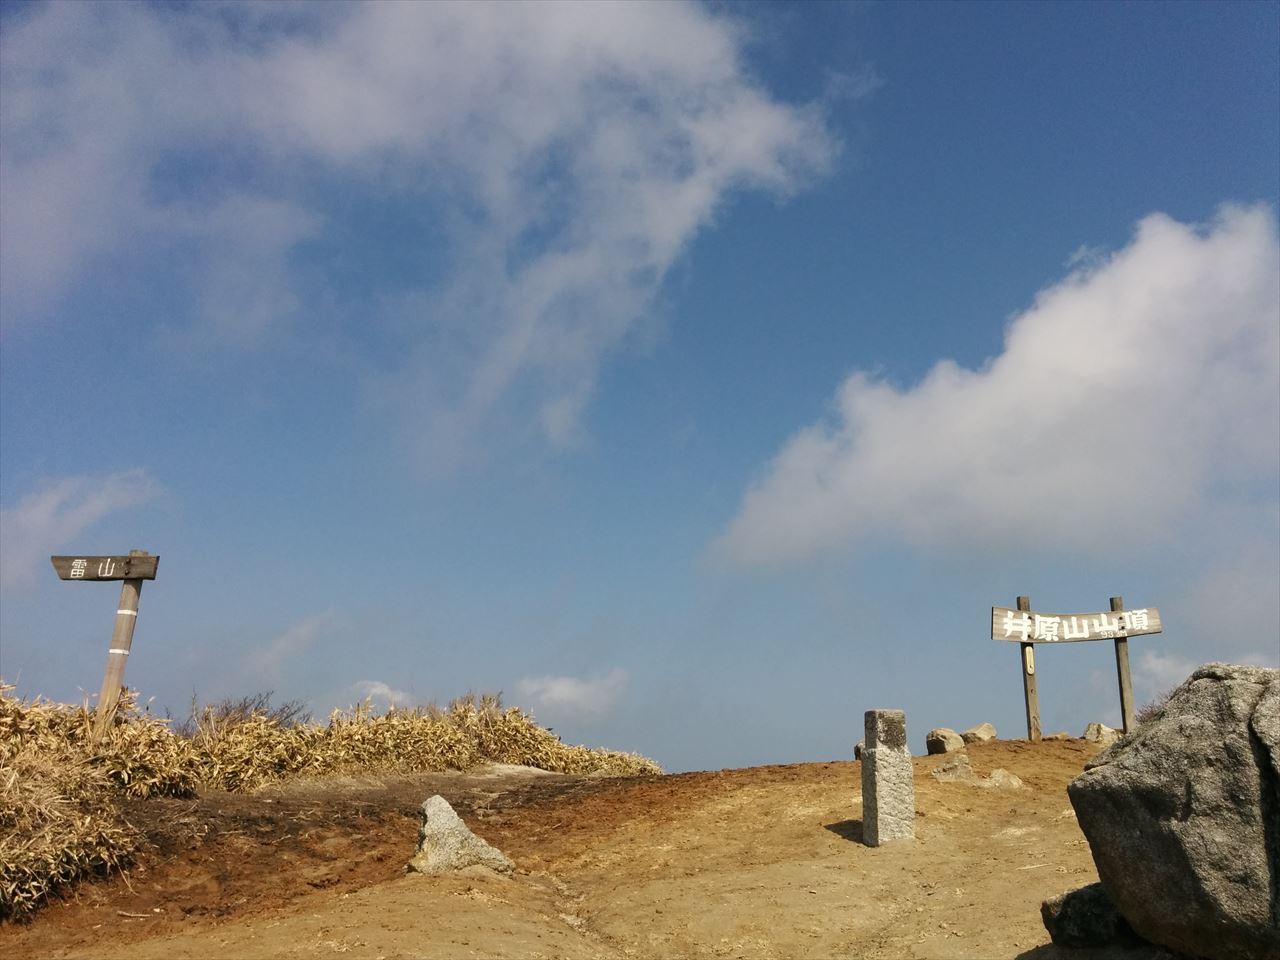 井原山〜雷山縦走 登山 残雪の縦走路 行き止まりのトレイルと迫りくるタイムリミットとの戦い(2016.2.28)